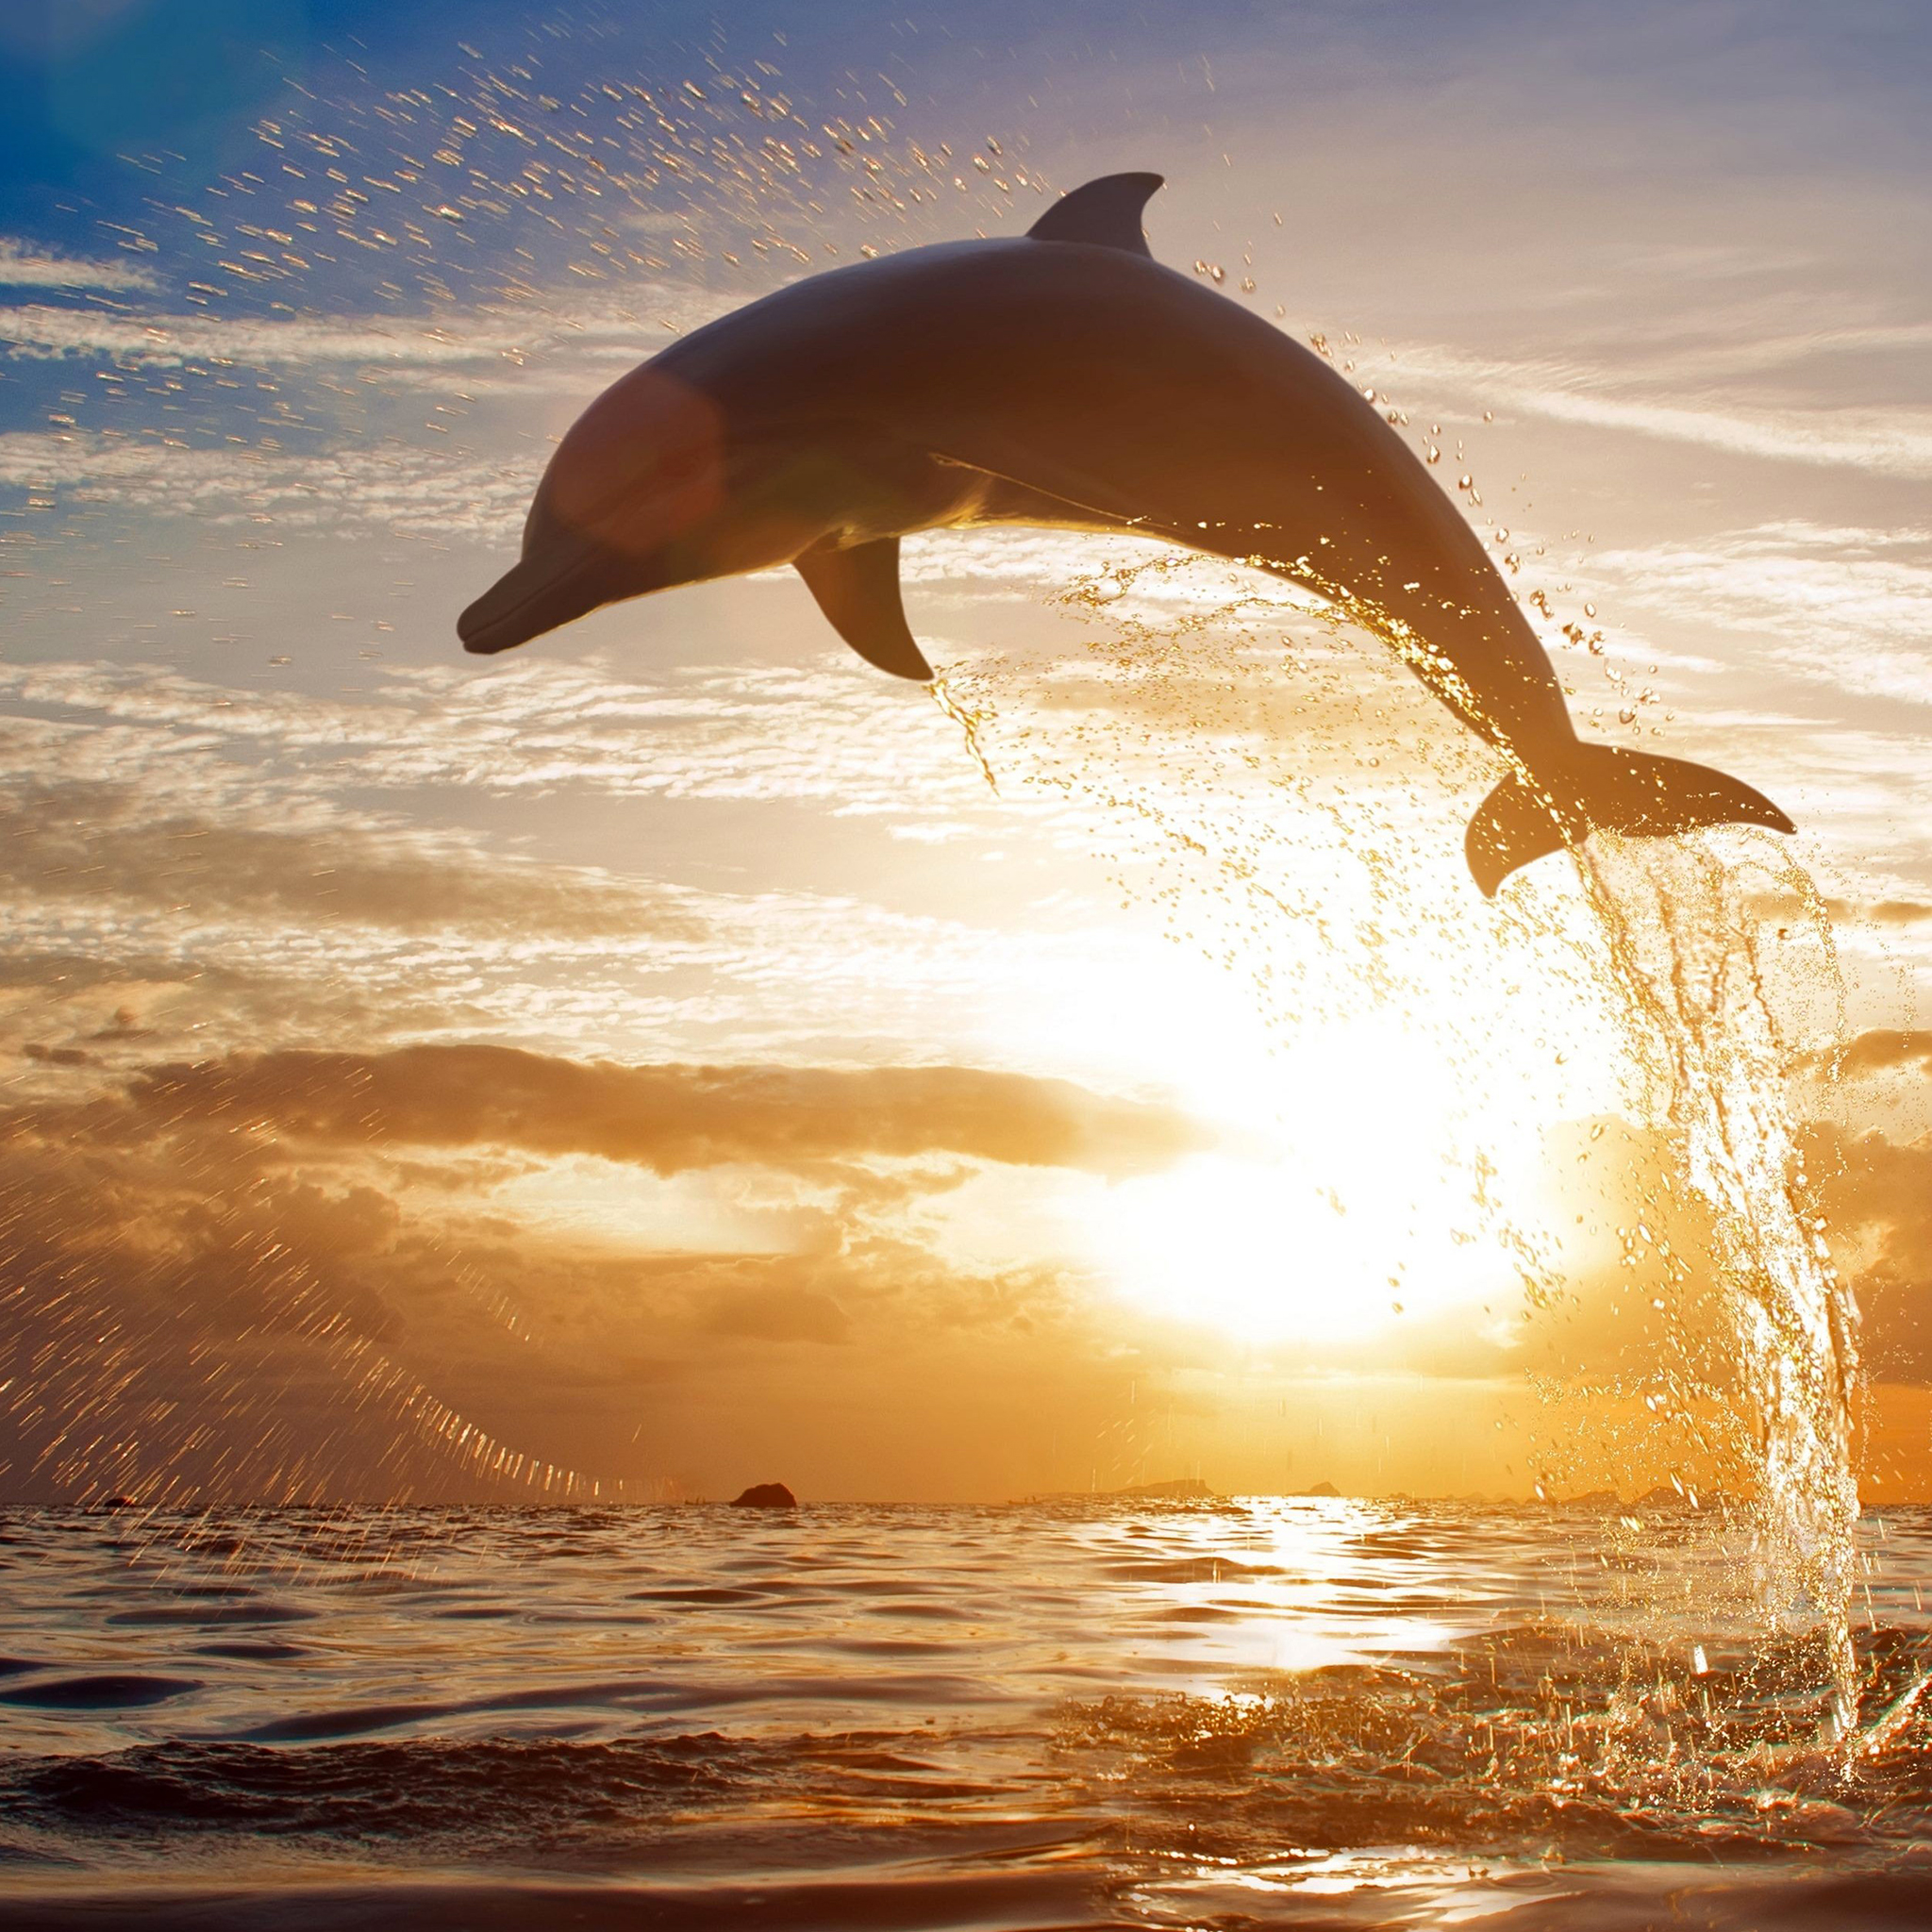 Дельфины фото на аву